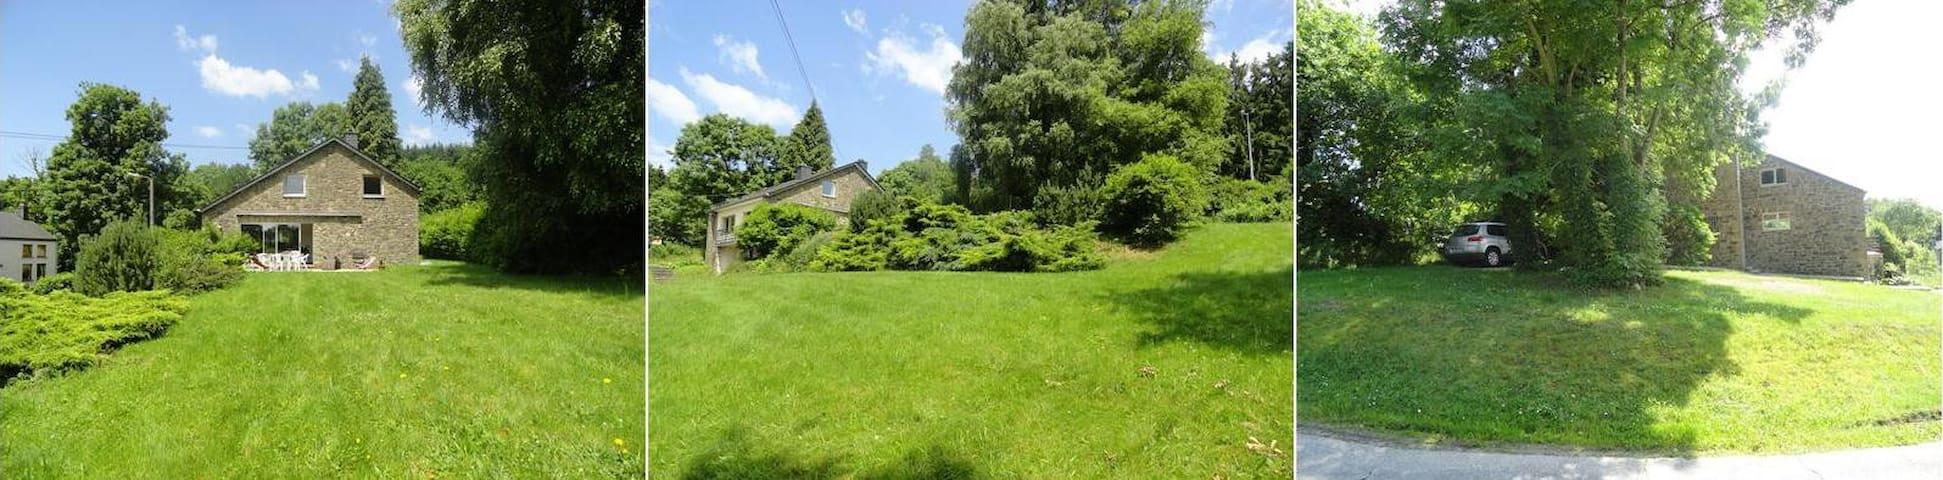 La villa Ariette, gite en Ardenne,  Belgique